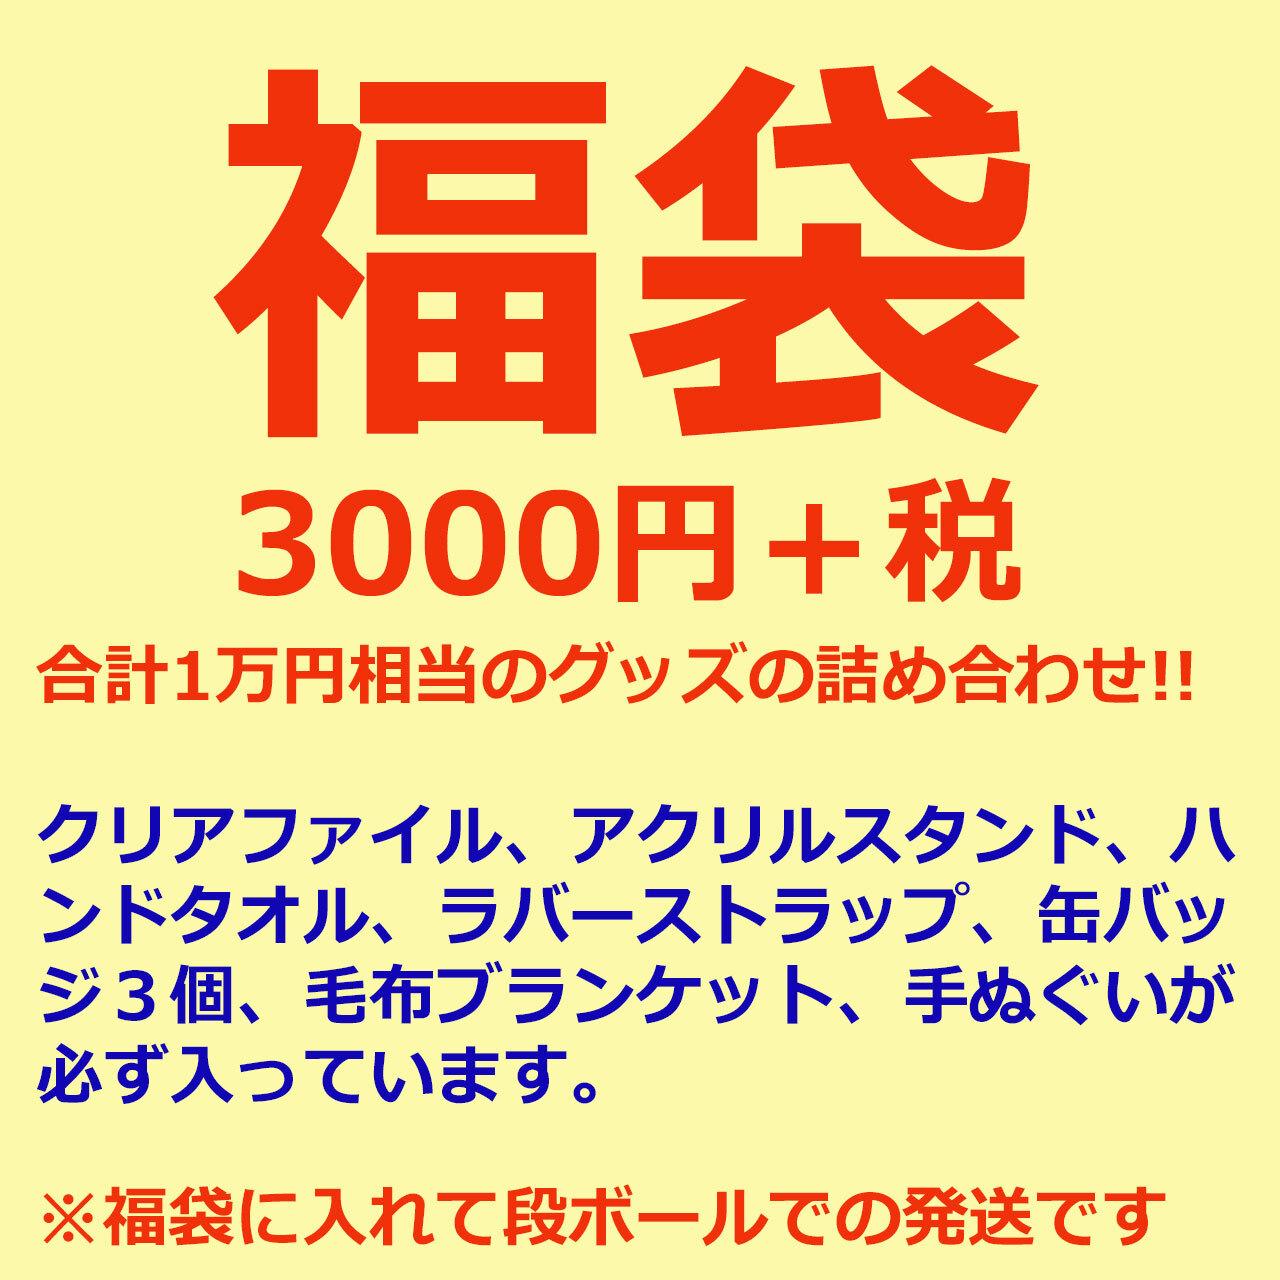 【3000円】アニメグッズ福袋 第二弾 女性向け